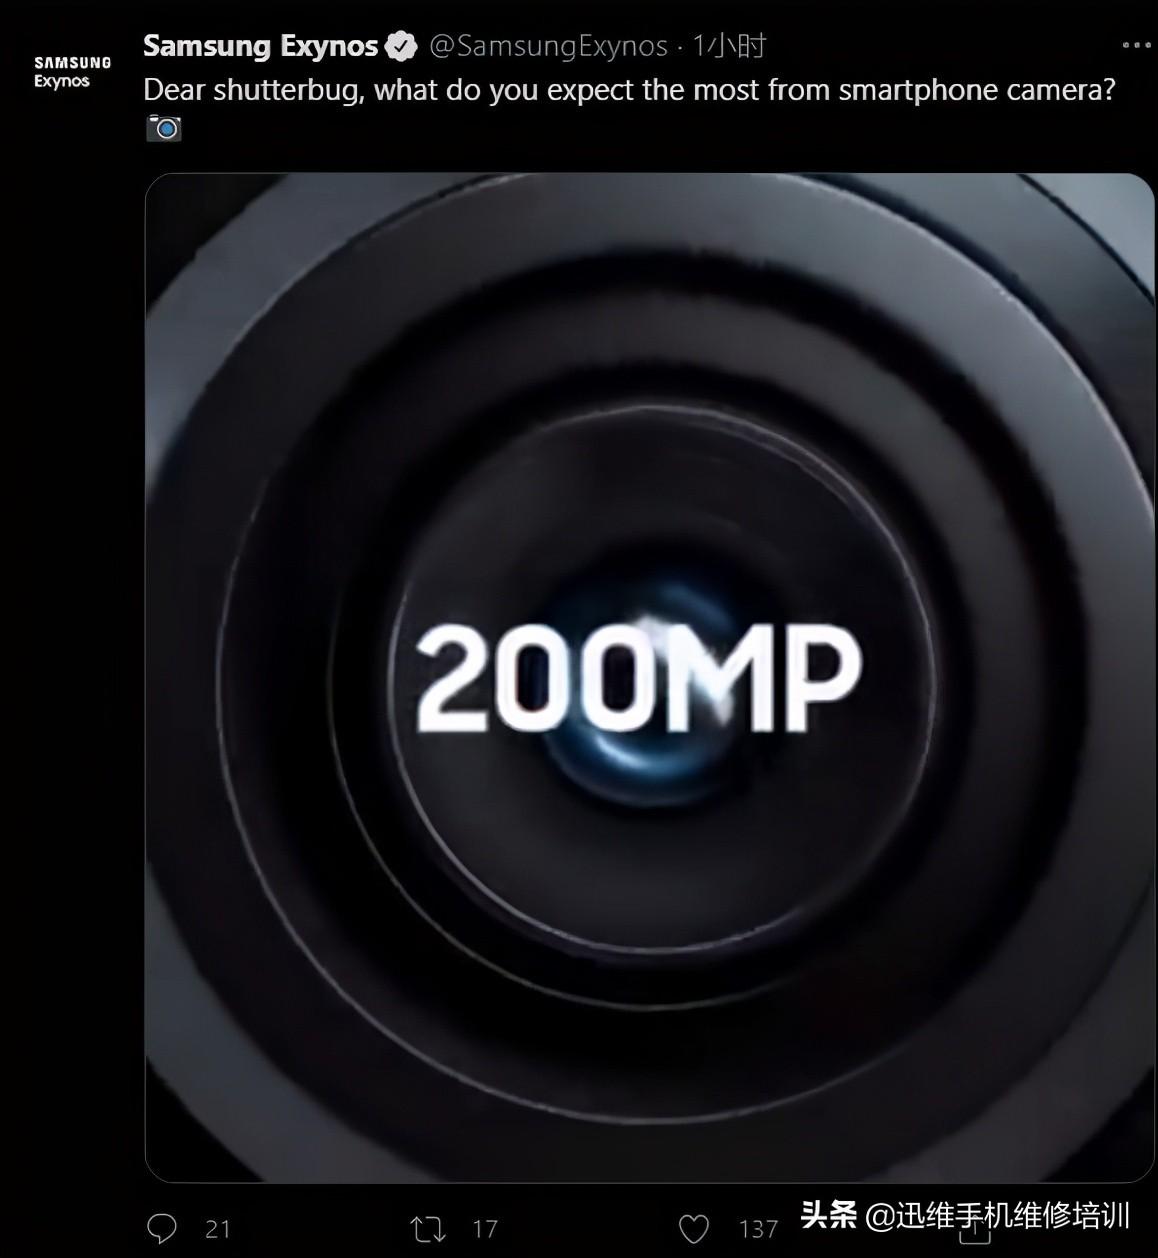 小米新品相机再升级2亿像素传感器,比三星S22系列要强?